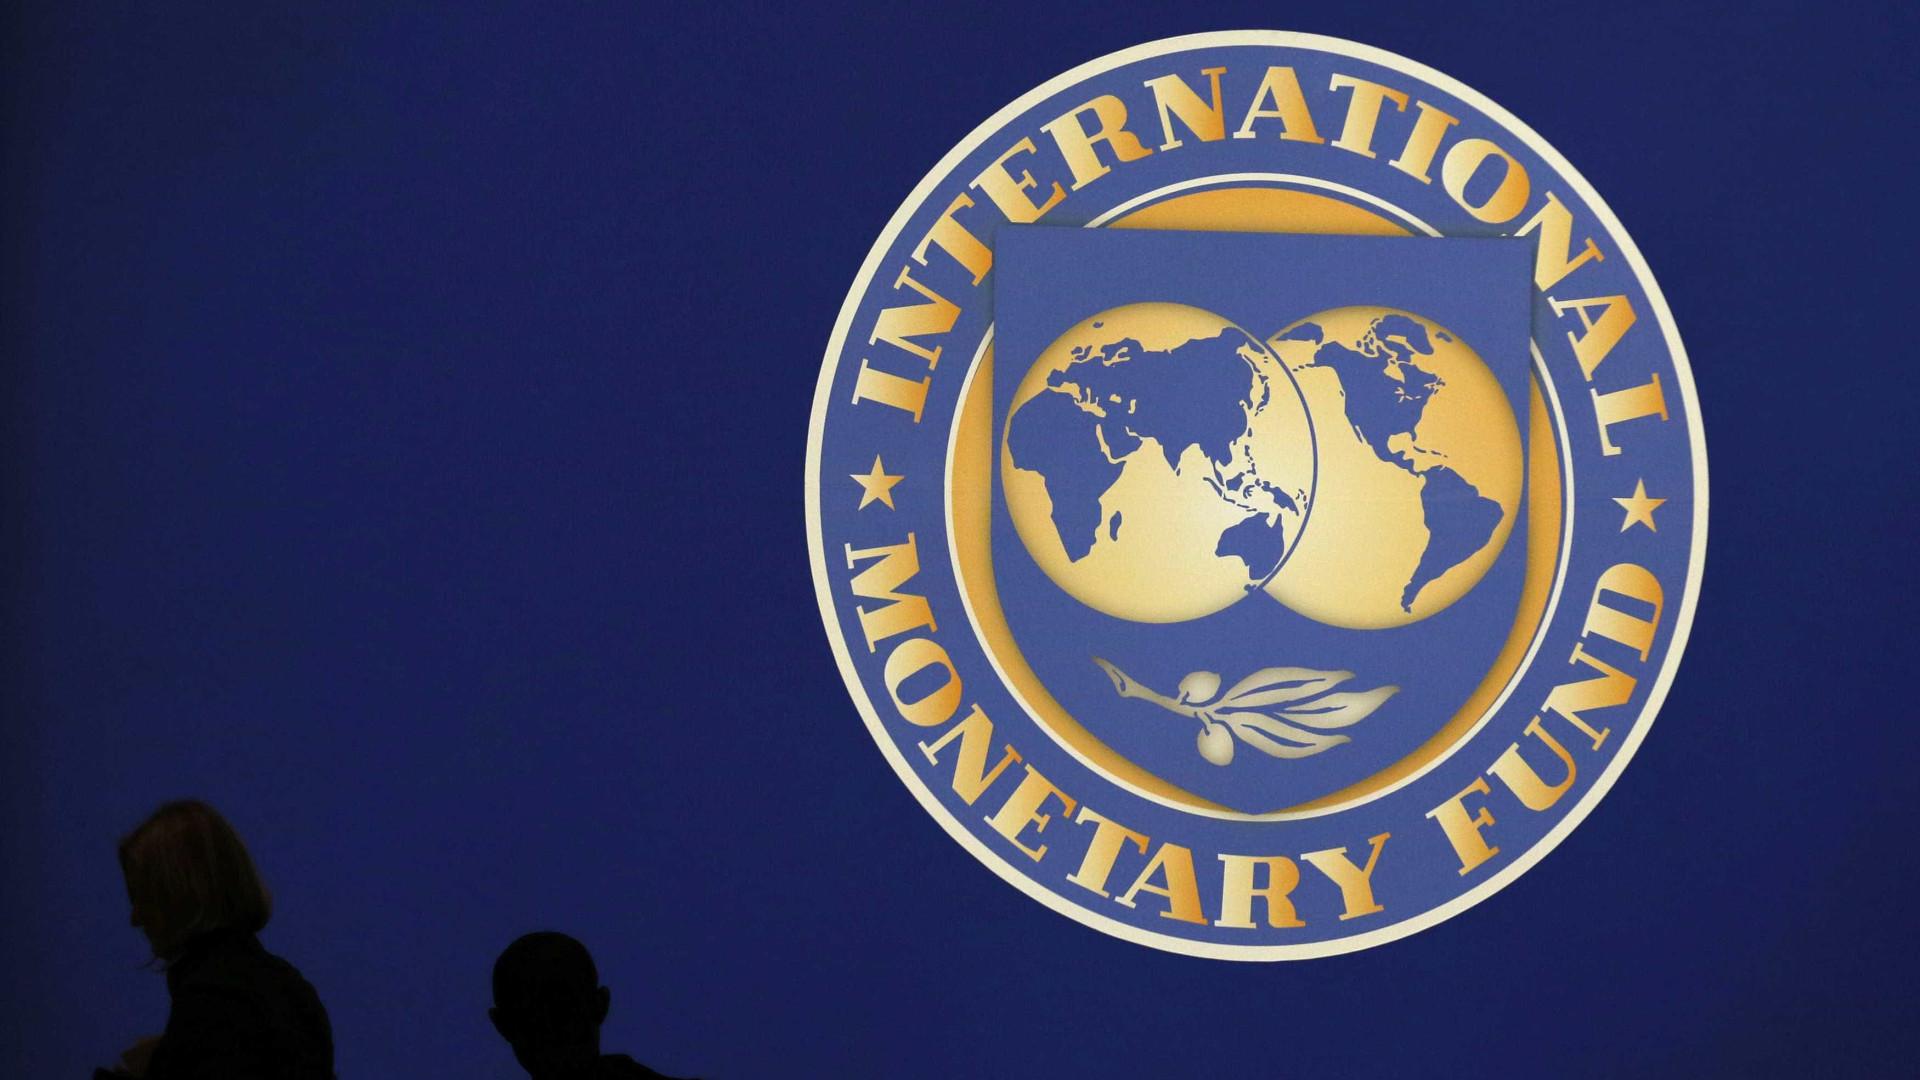 FMI elogia consolidação orçamental prevista pelo novo governo angolano